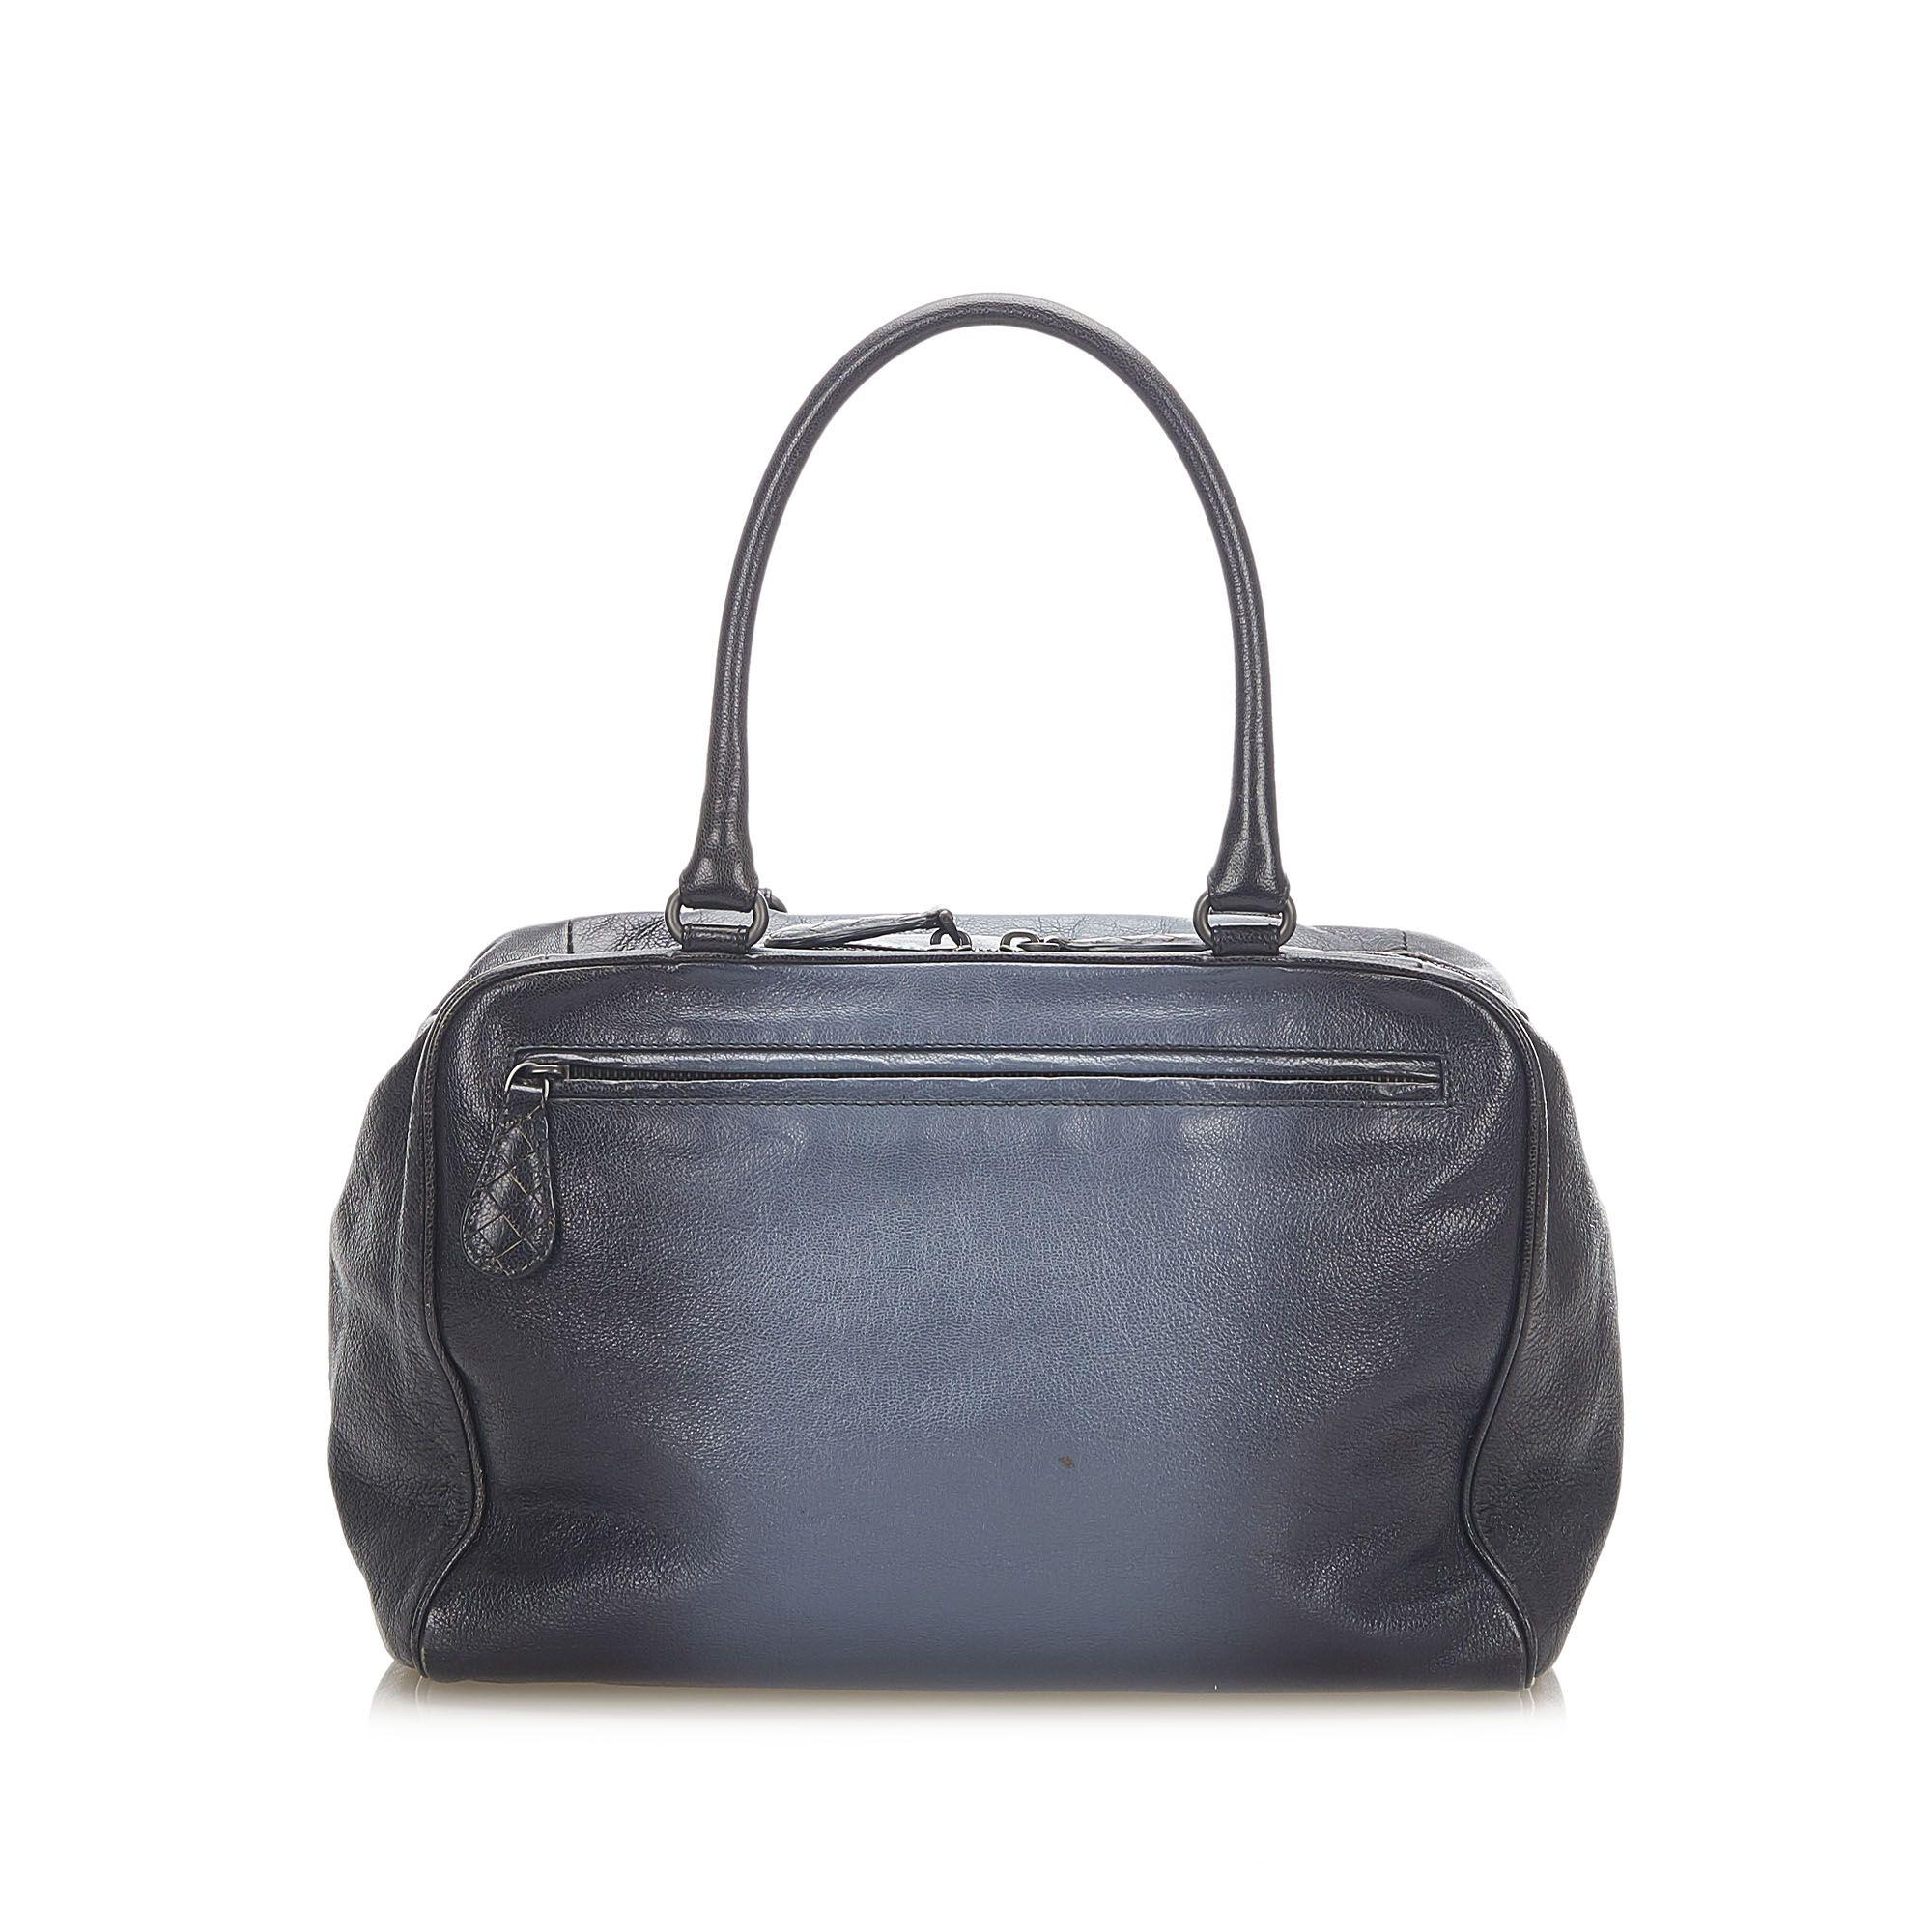 Vintage Bottega Veneta Leather Handbag Blue